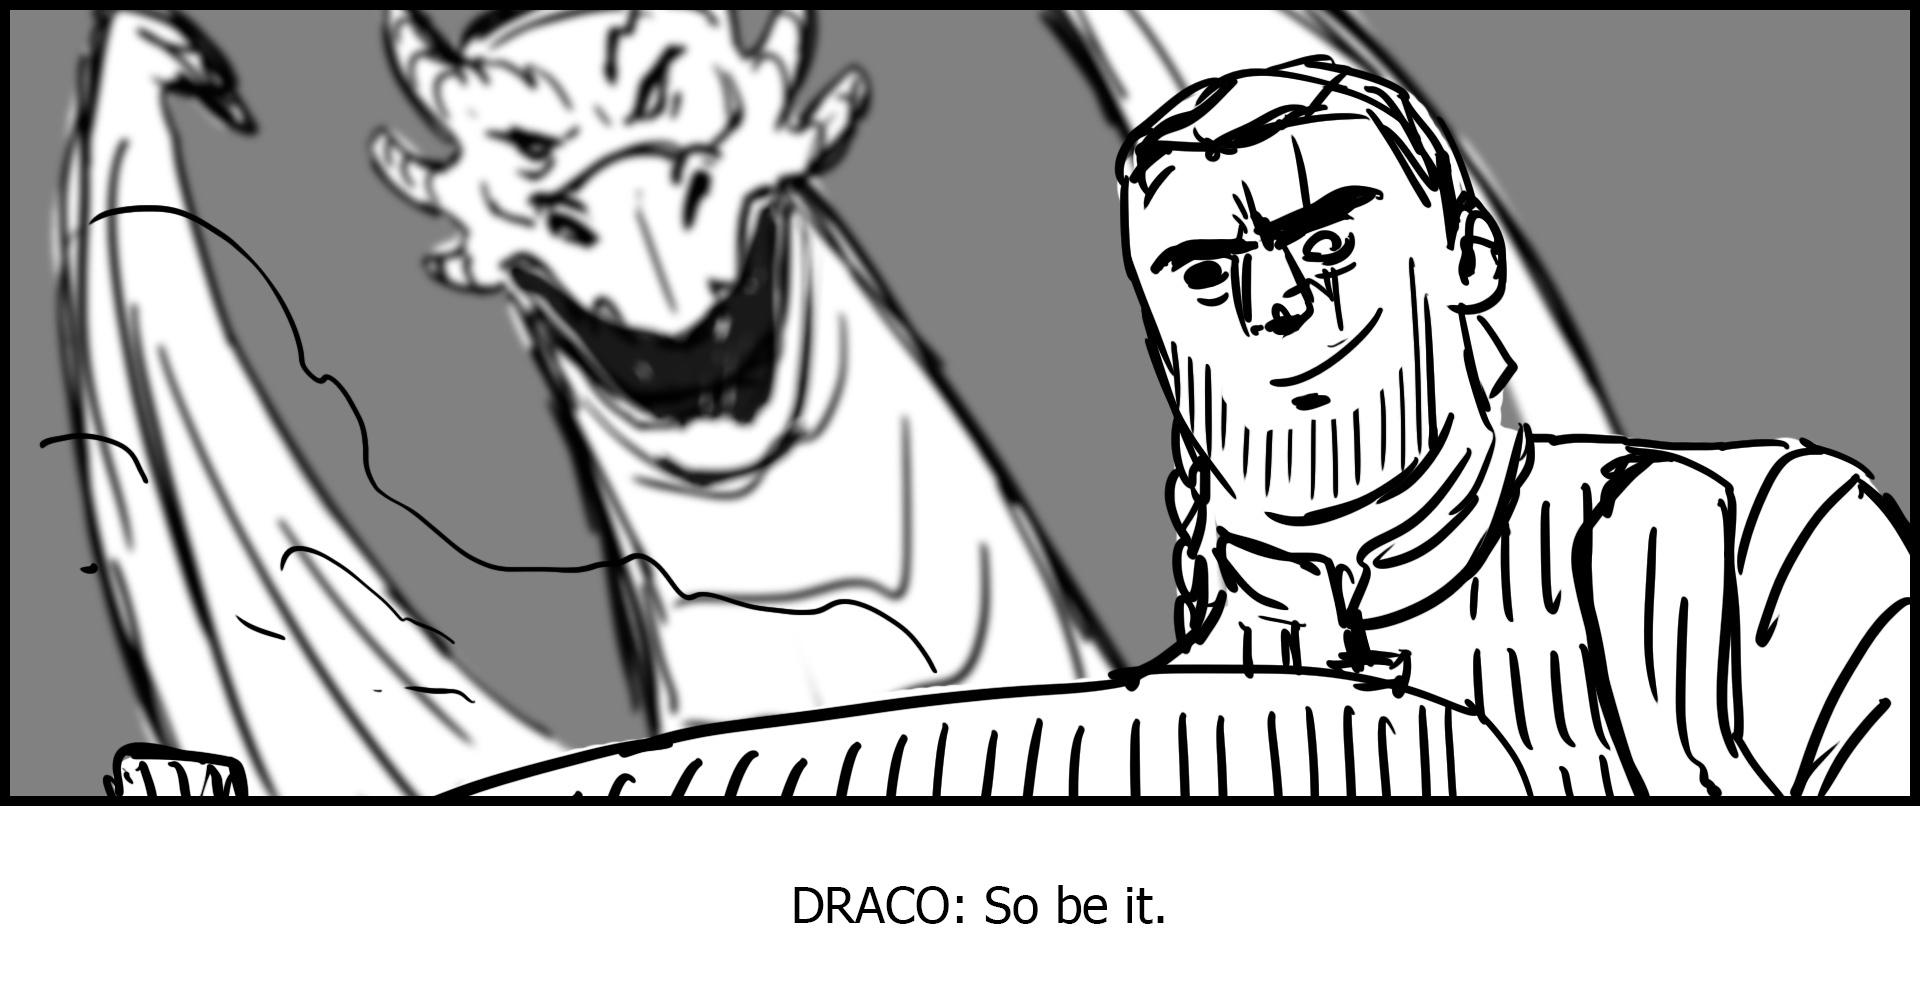 dragonsHeart_0038.jpg